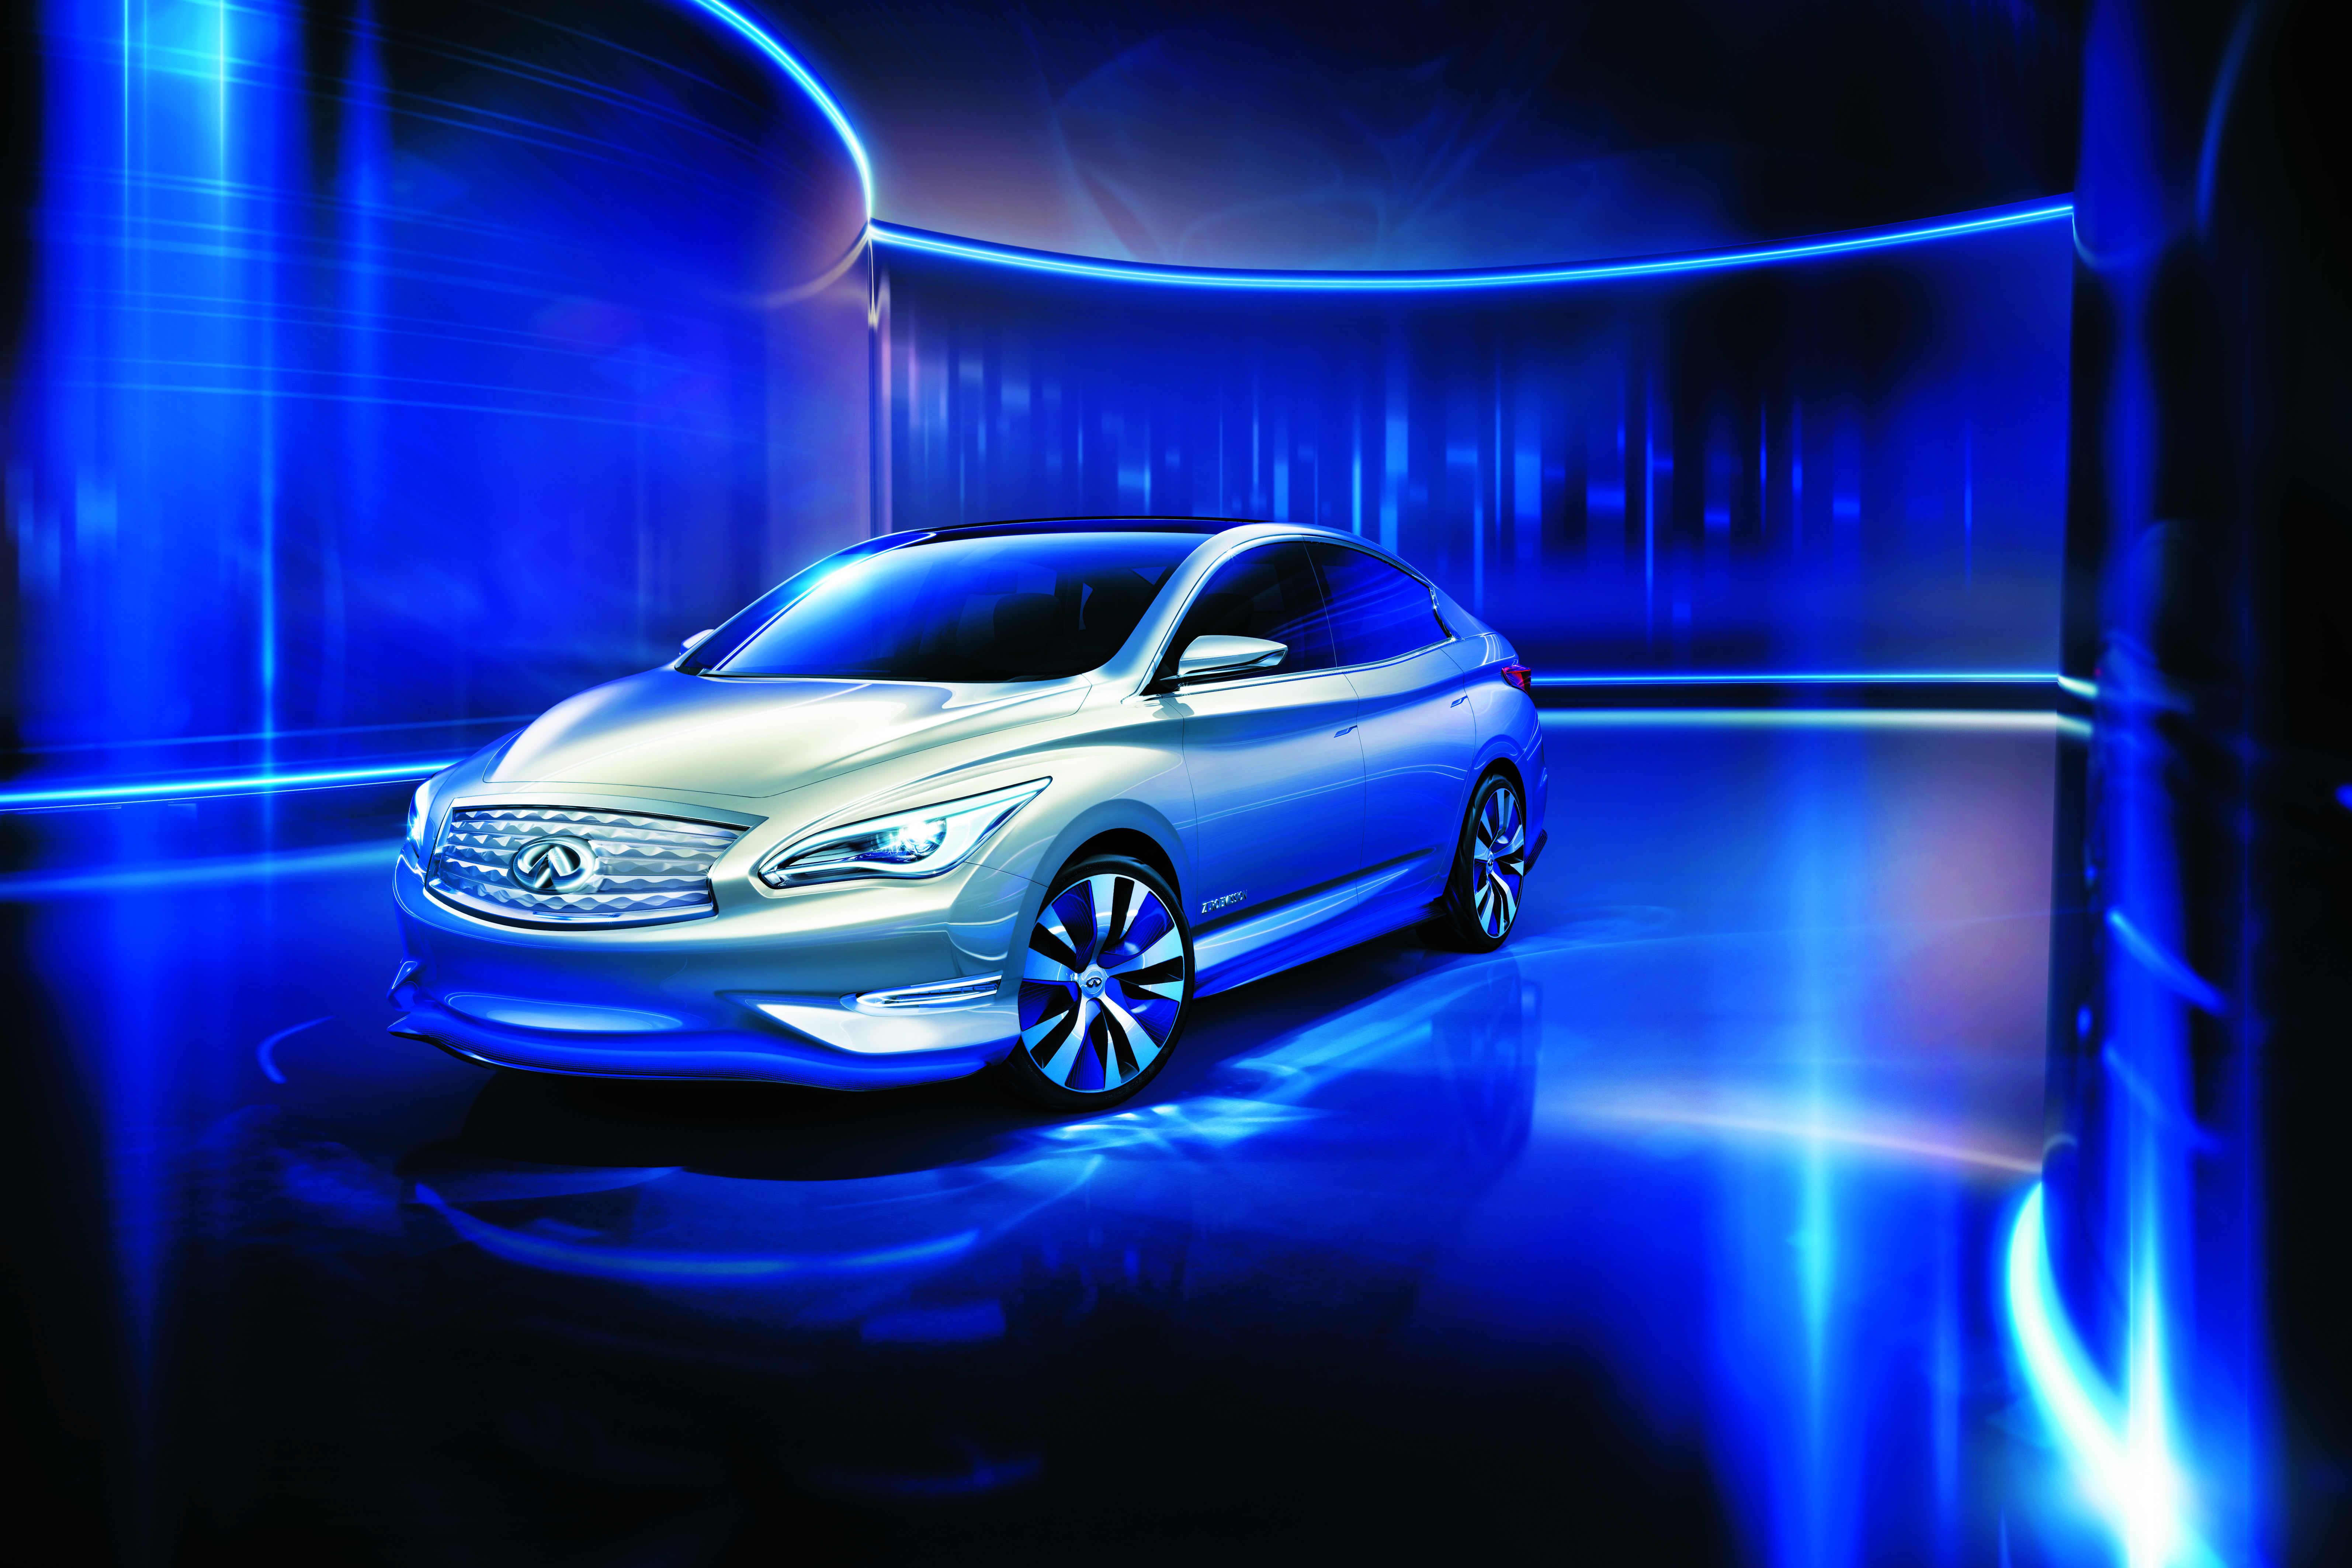 三厢轿车风格,将英菲尼迪代表性的设计线条与电动车空气动力高清图片